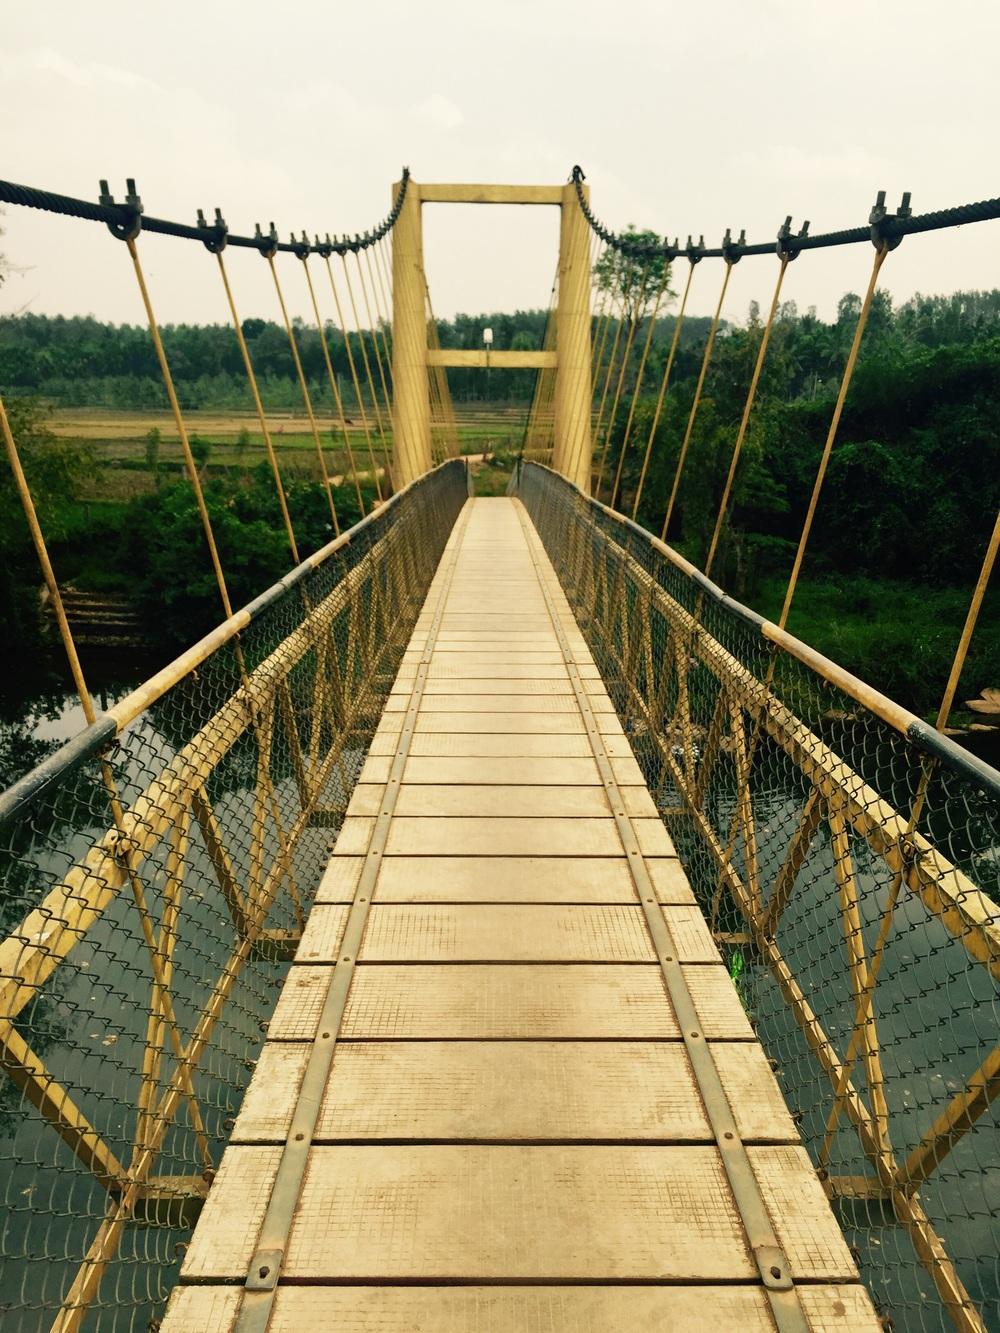 Inviting Bridge to Villages